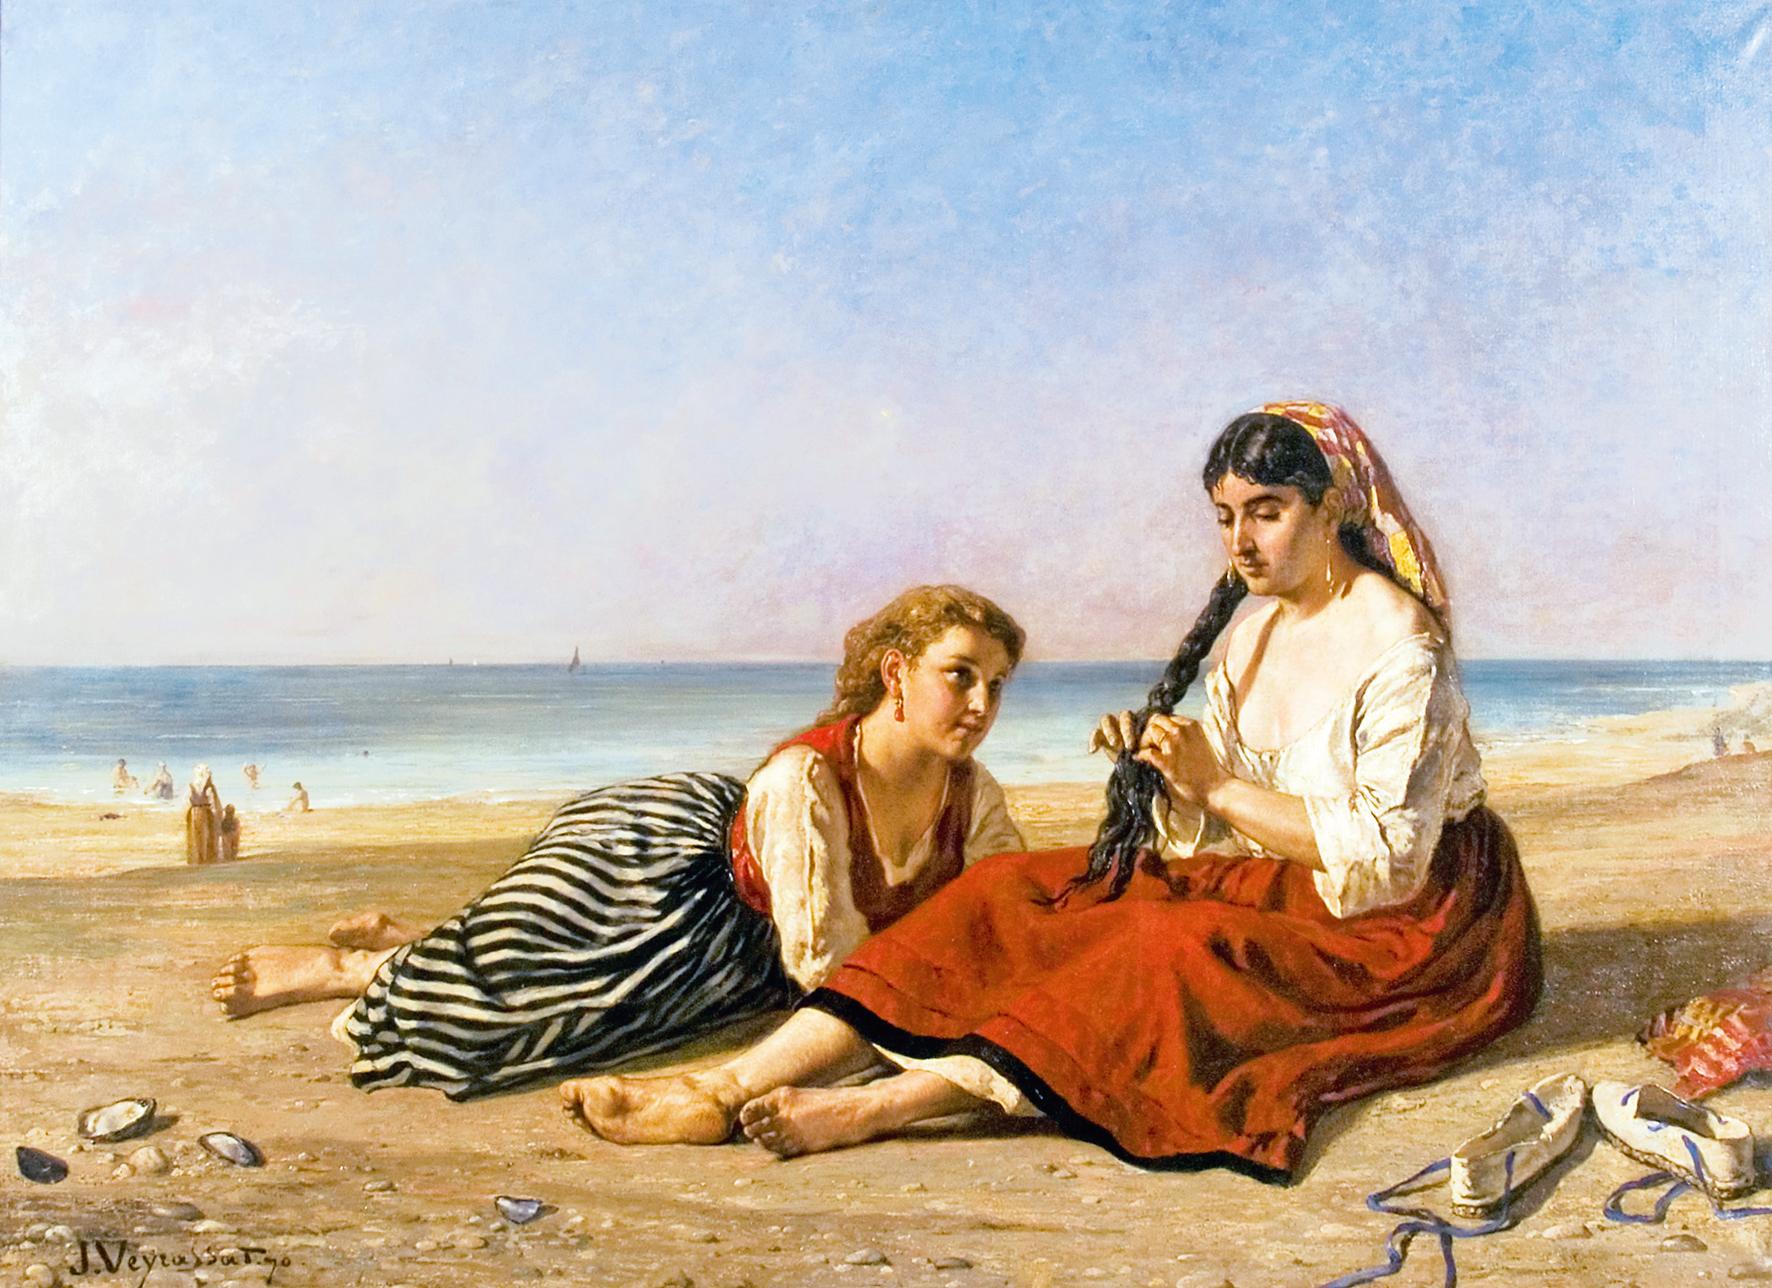 Jules-Jacques Veyrassat Femmes basques après le bain